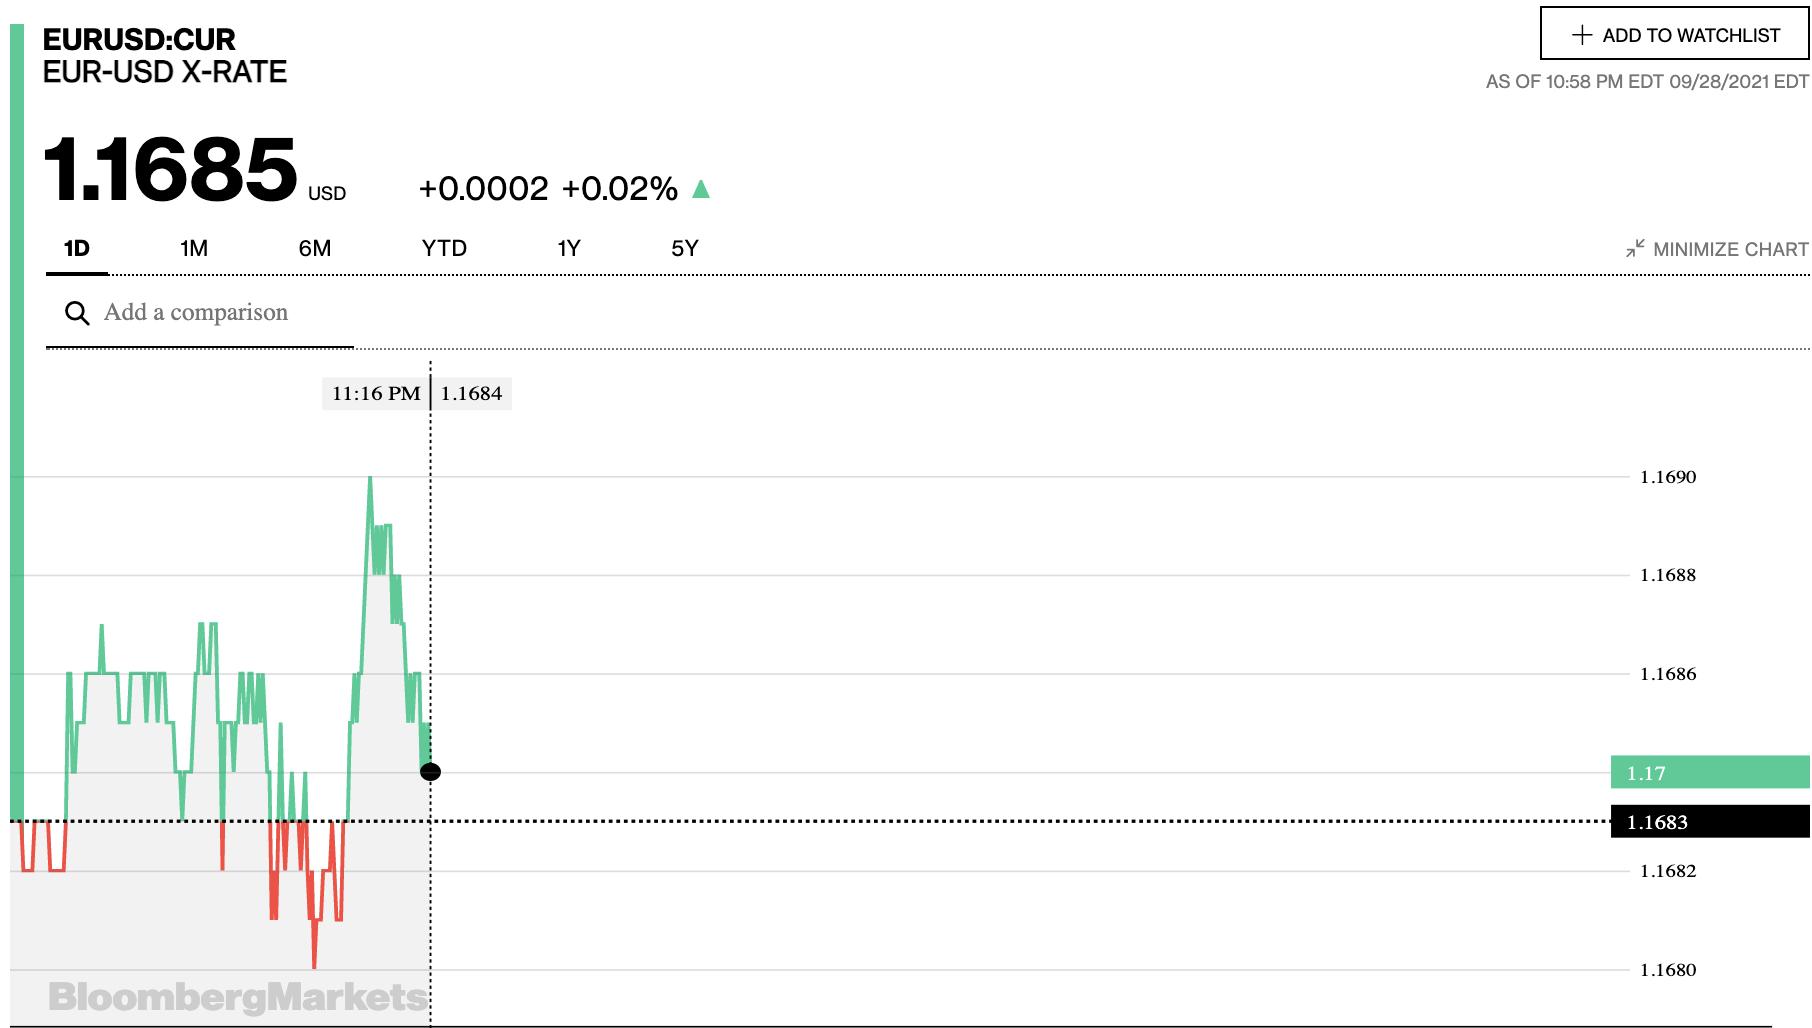 Tỷ giá euro hôm nay 29/9: Dấu hiệu giảm chưa dừng lại ở cả thị trường chợ đen và các ngân hàng - Ảnh 2.